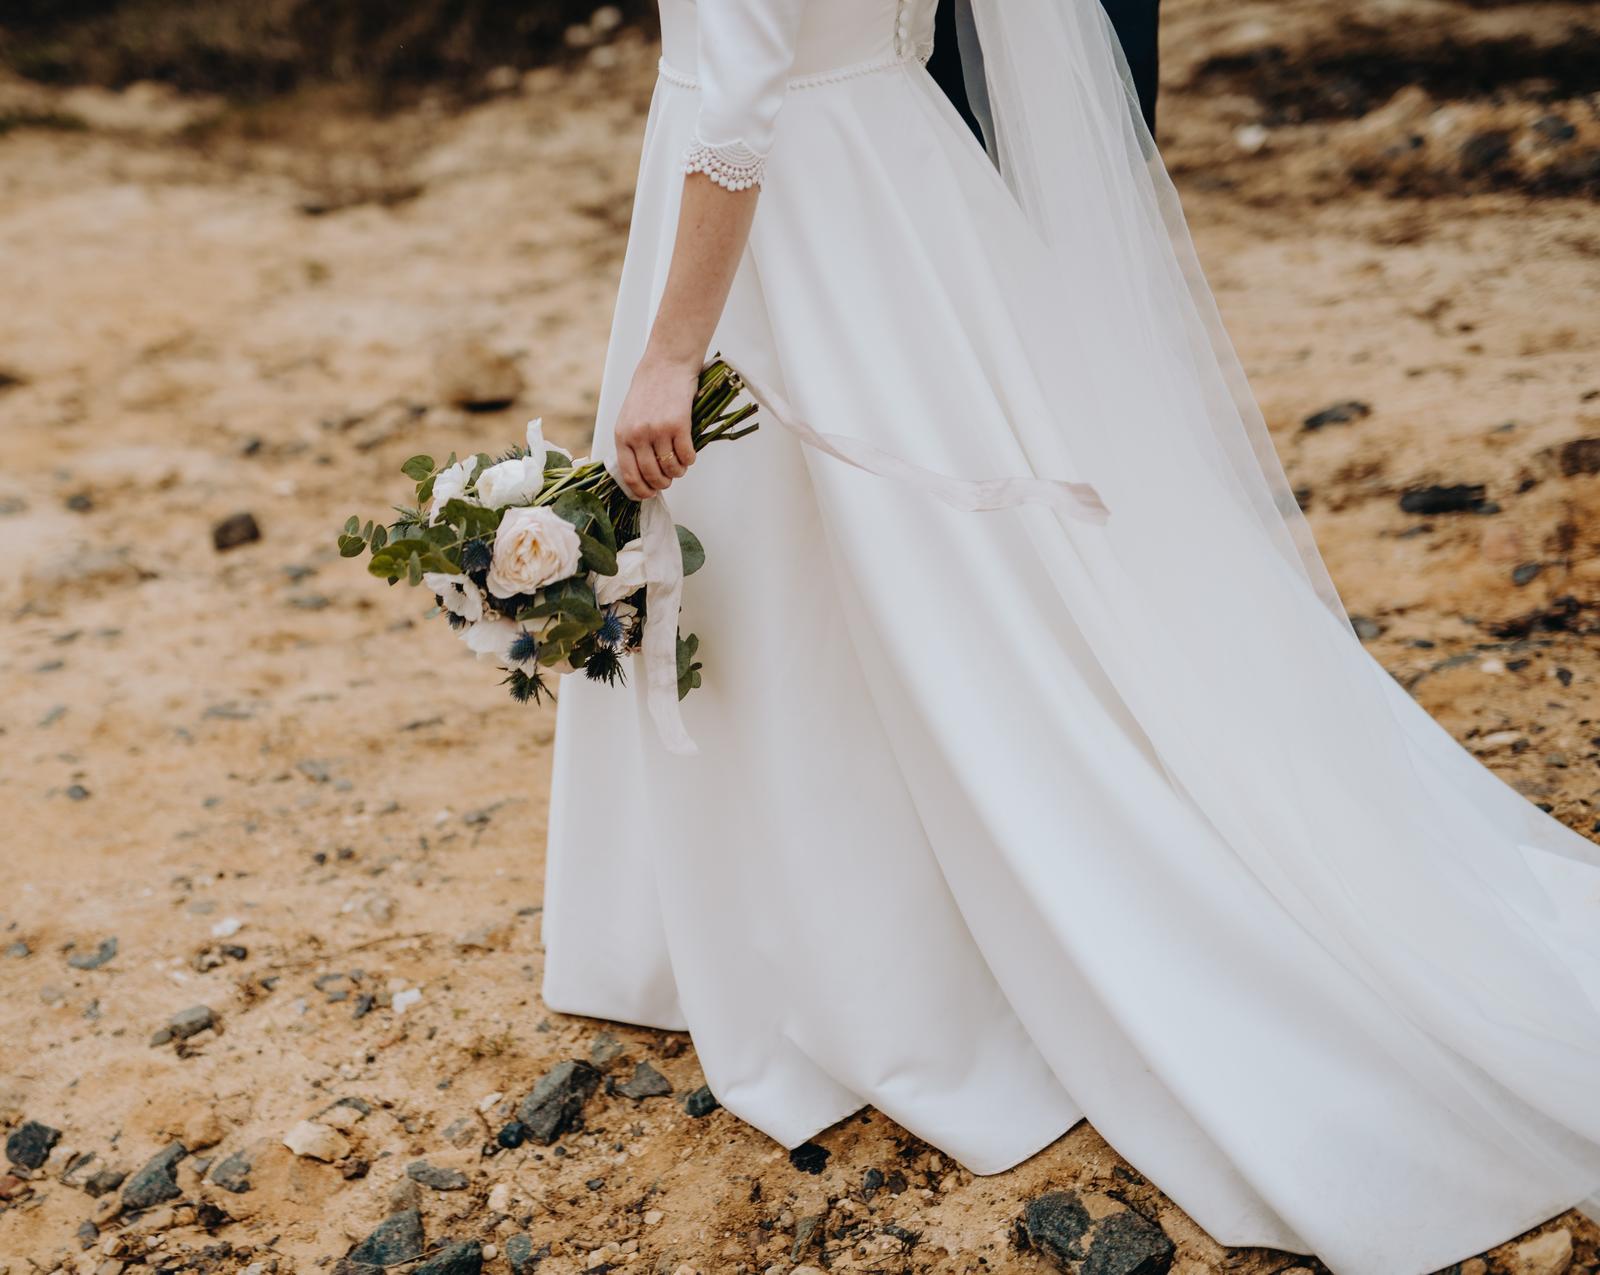 Minimalistické šaty s rukávy a krajkovými detaily  - Obrázek č. 1